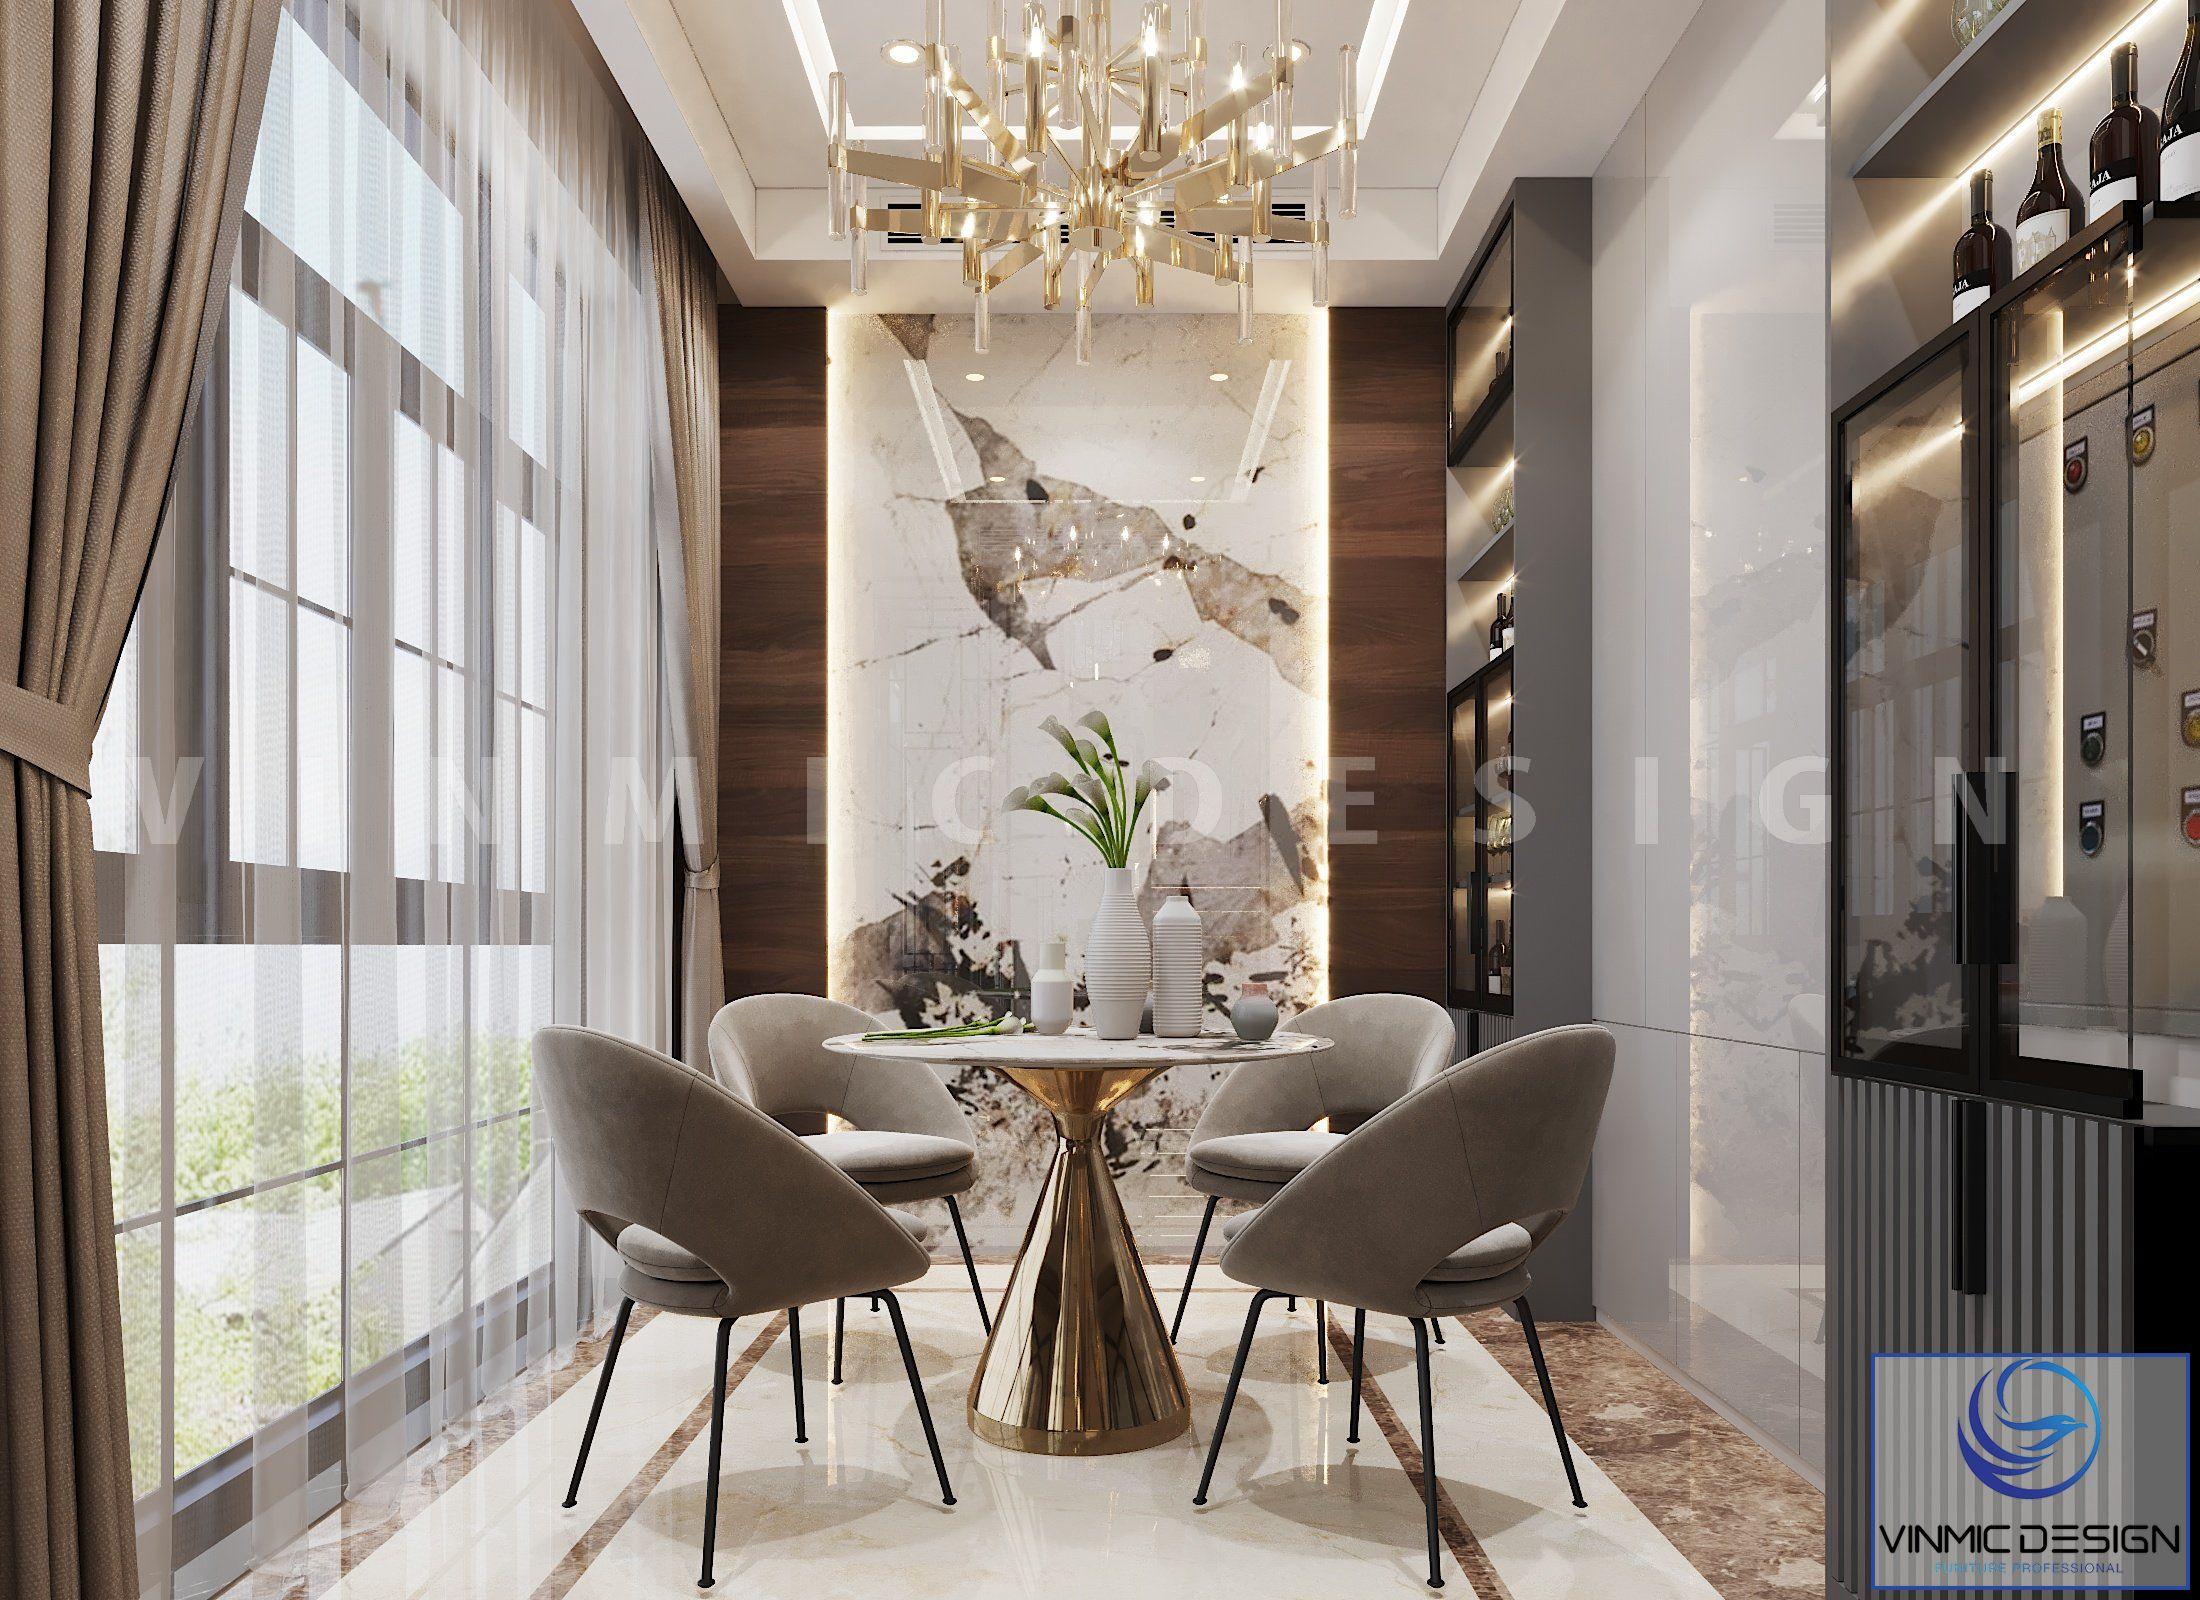 Góc khác, thiết kế nội thất không gian sinh hoạt chung đẹp cho biệt thự Vinhomes Imperia Hải Phòng